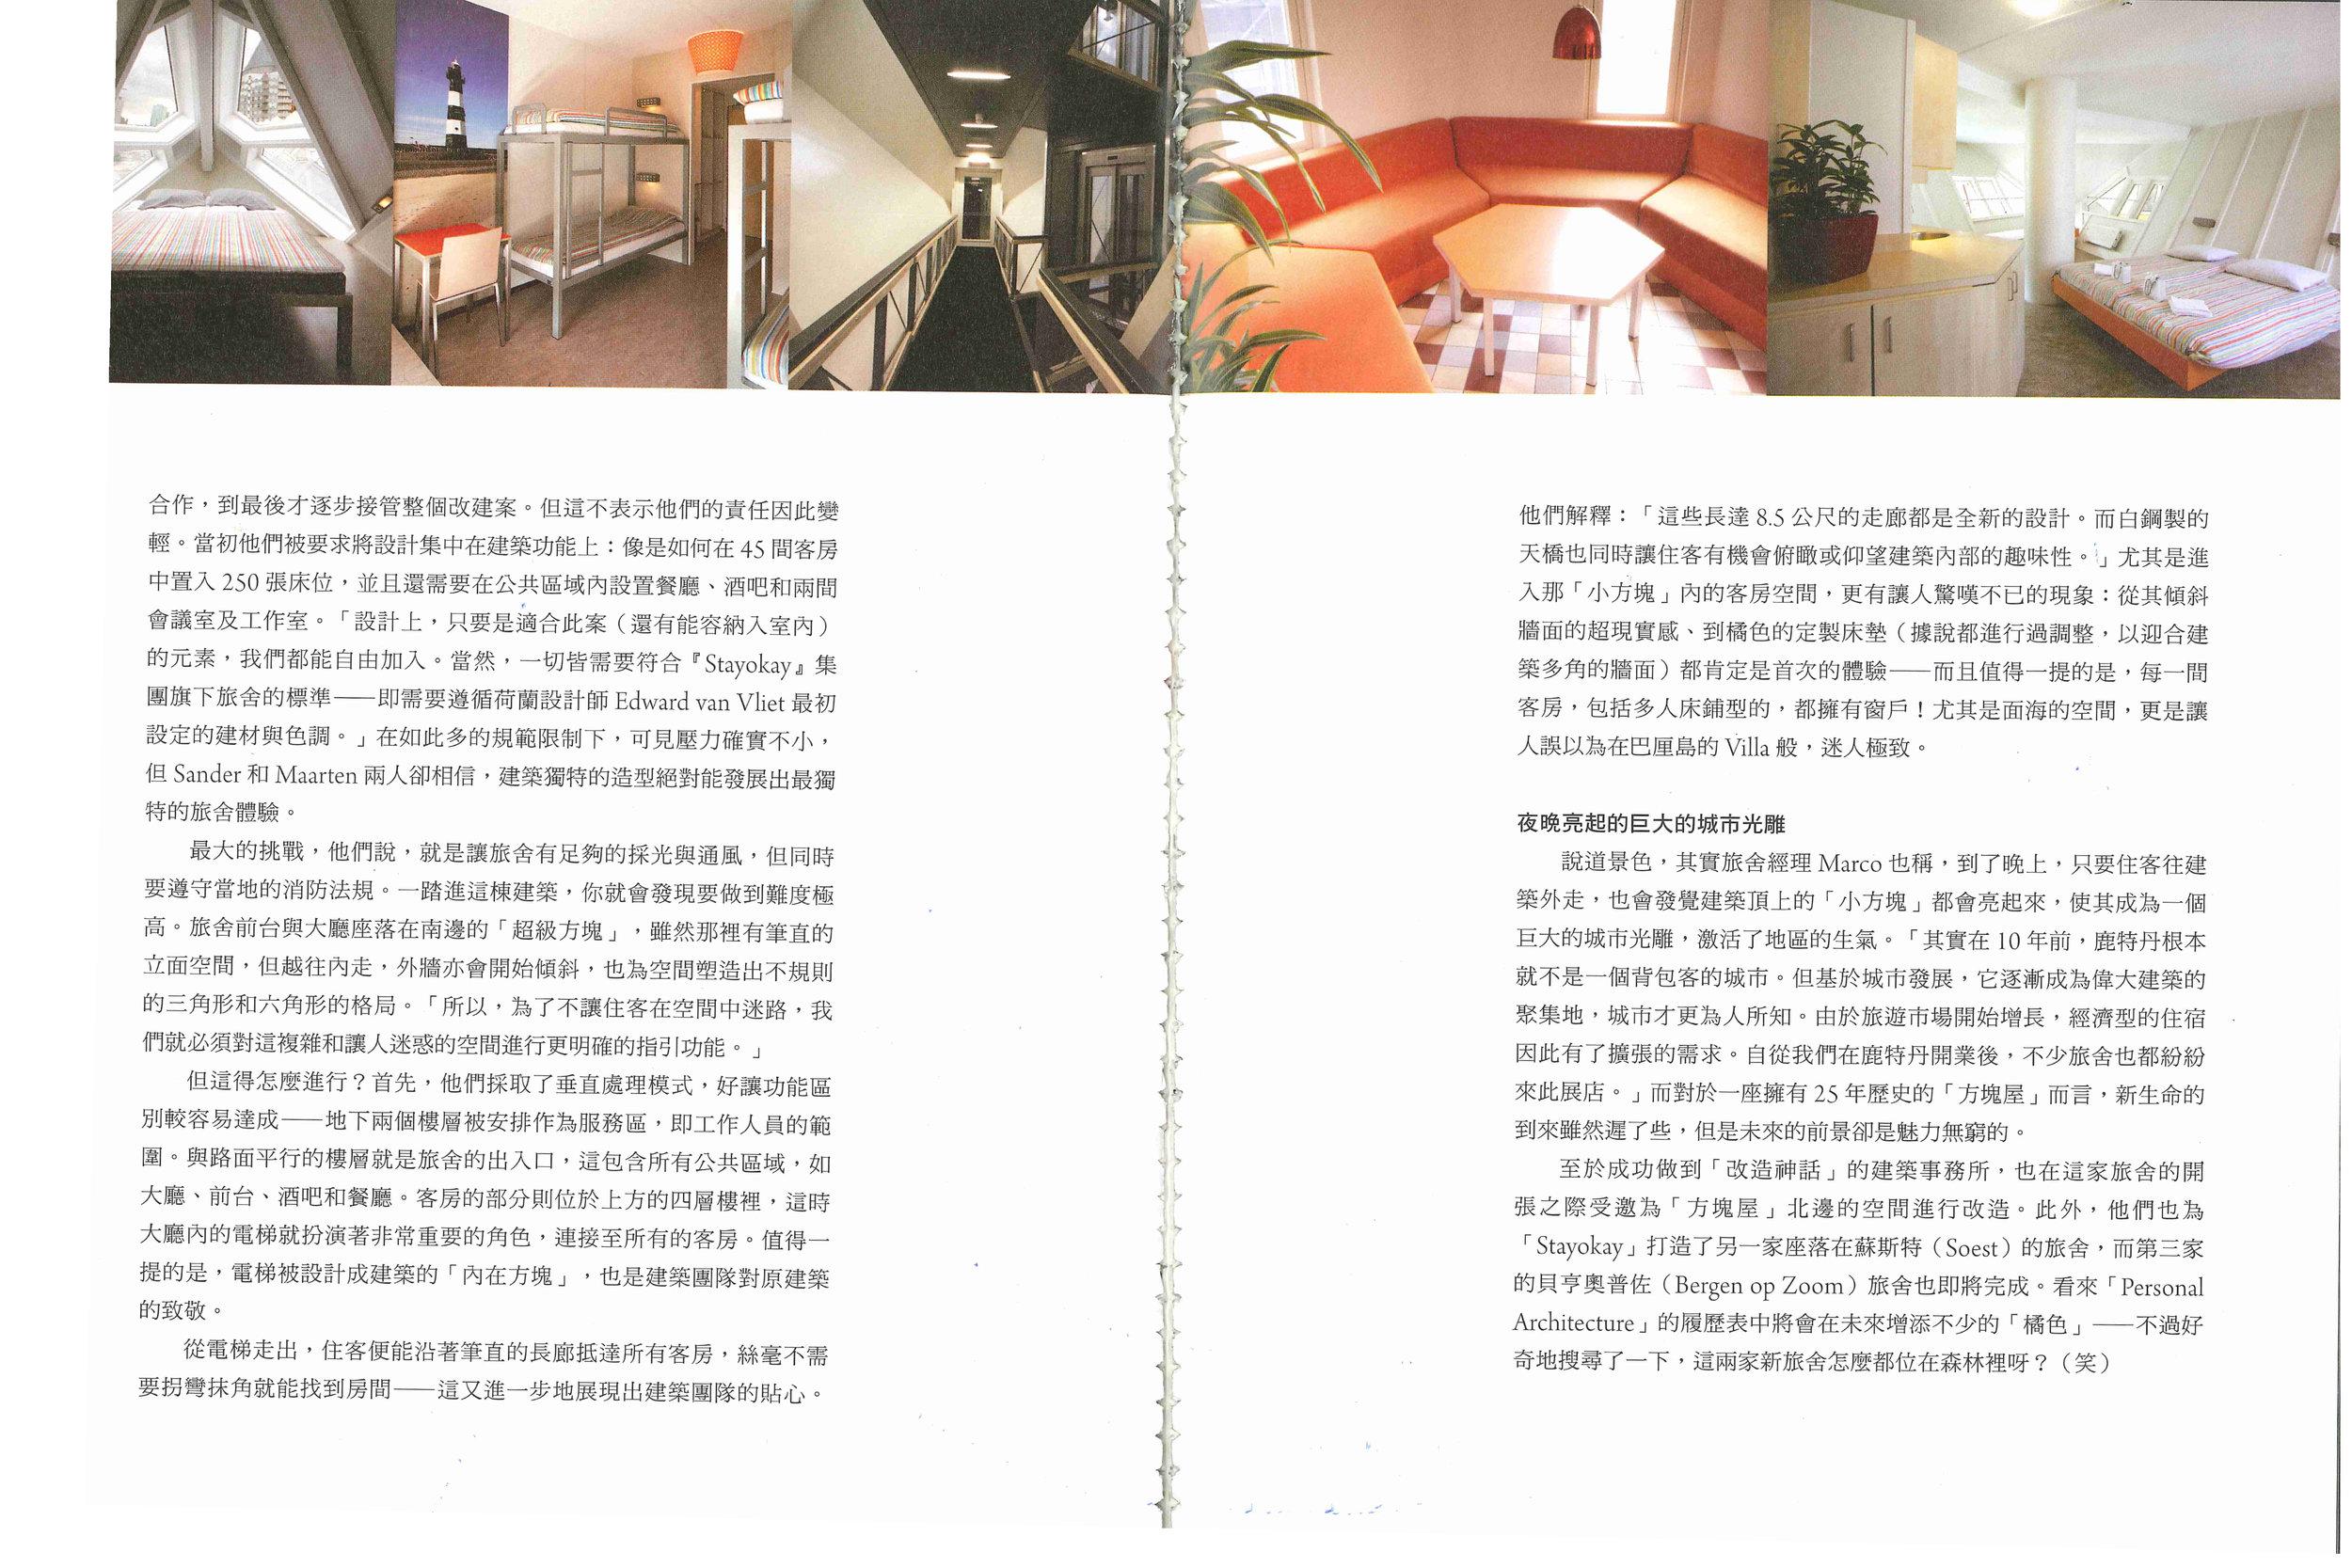 hosteldesign3.jpg